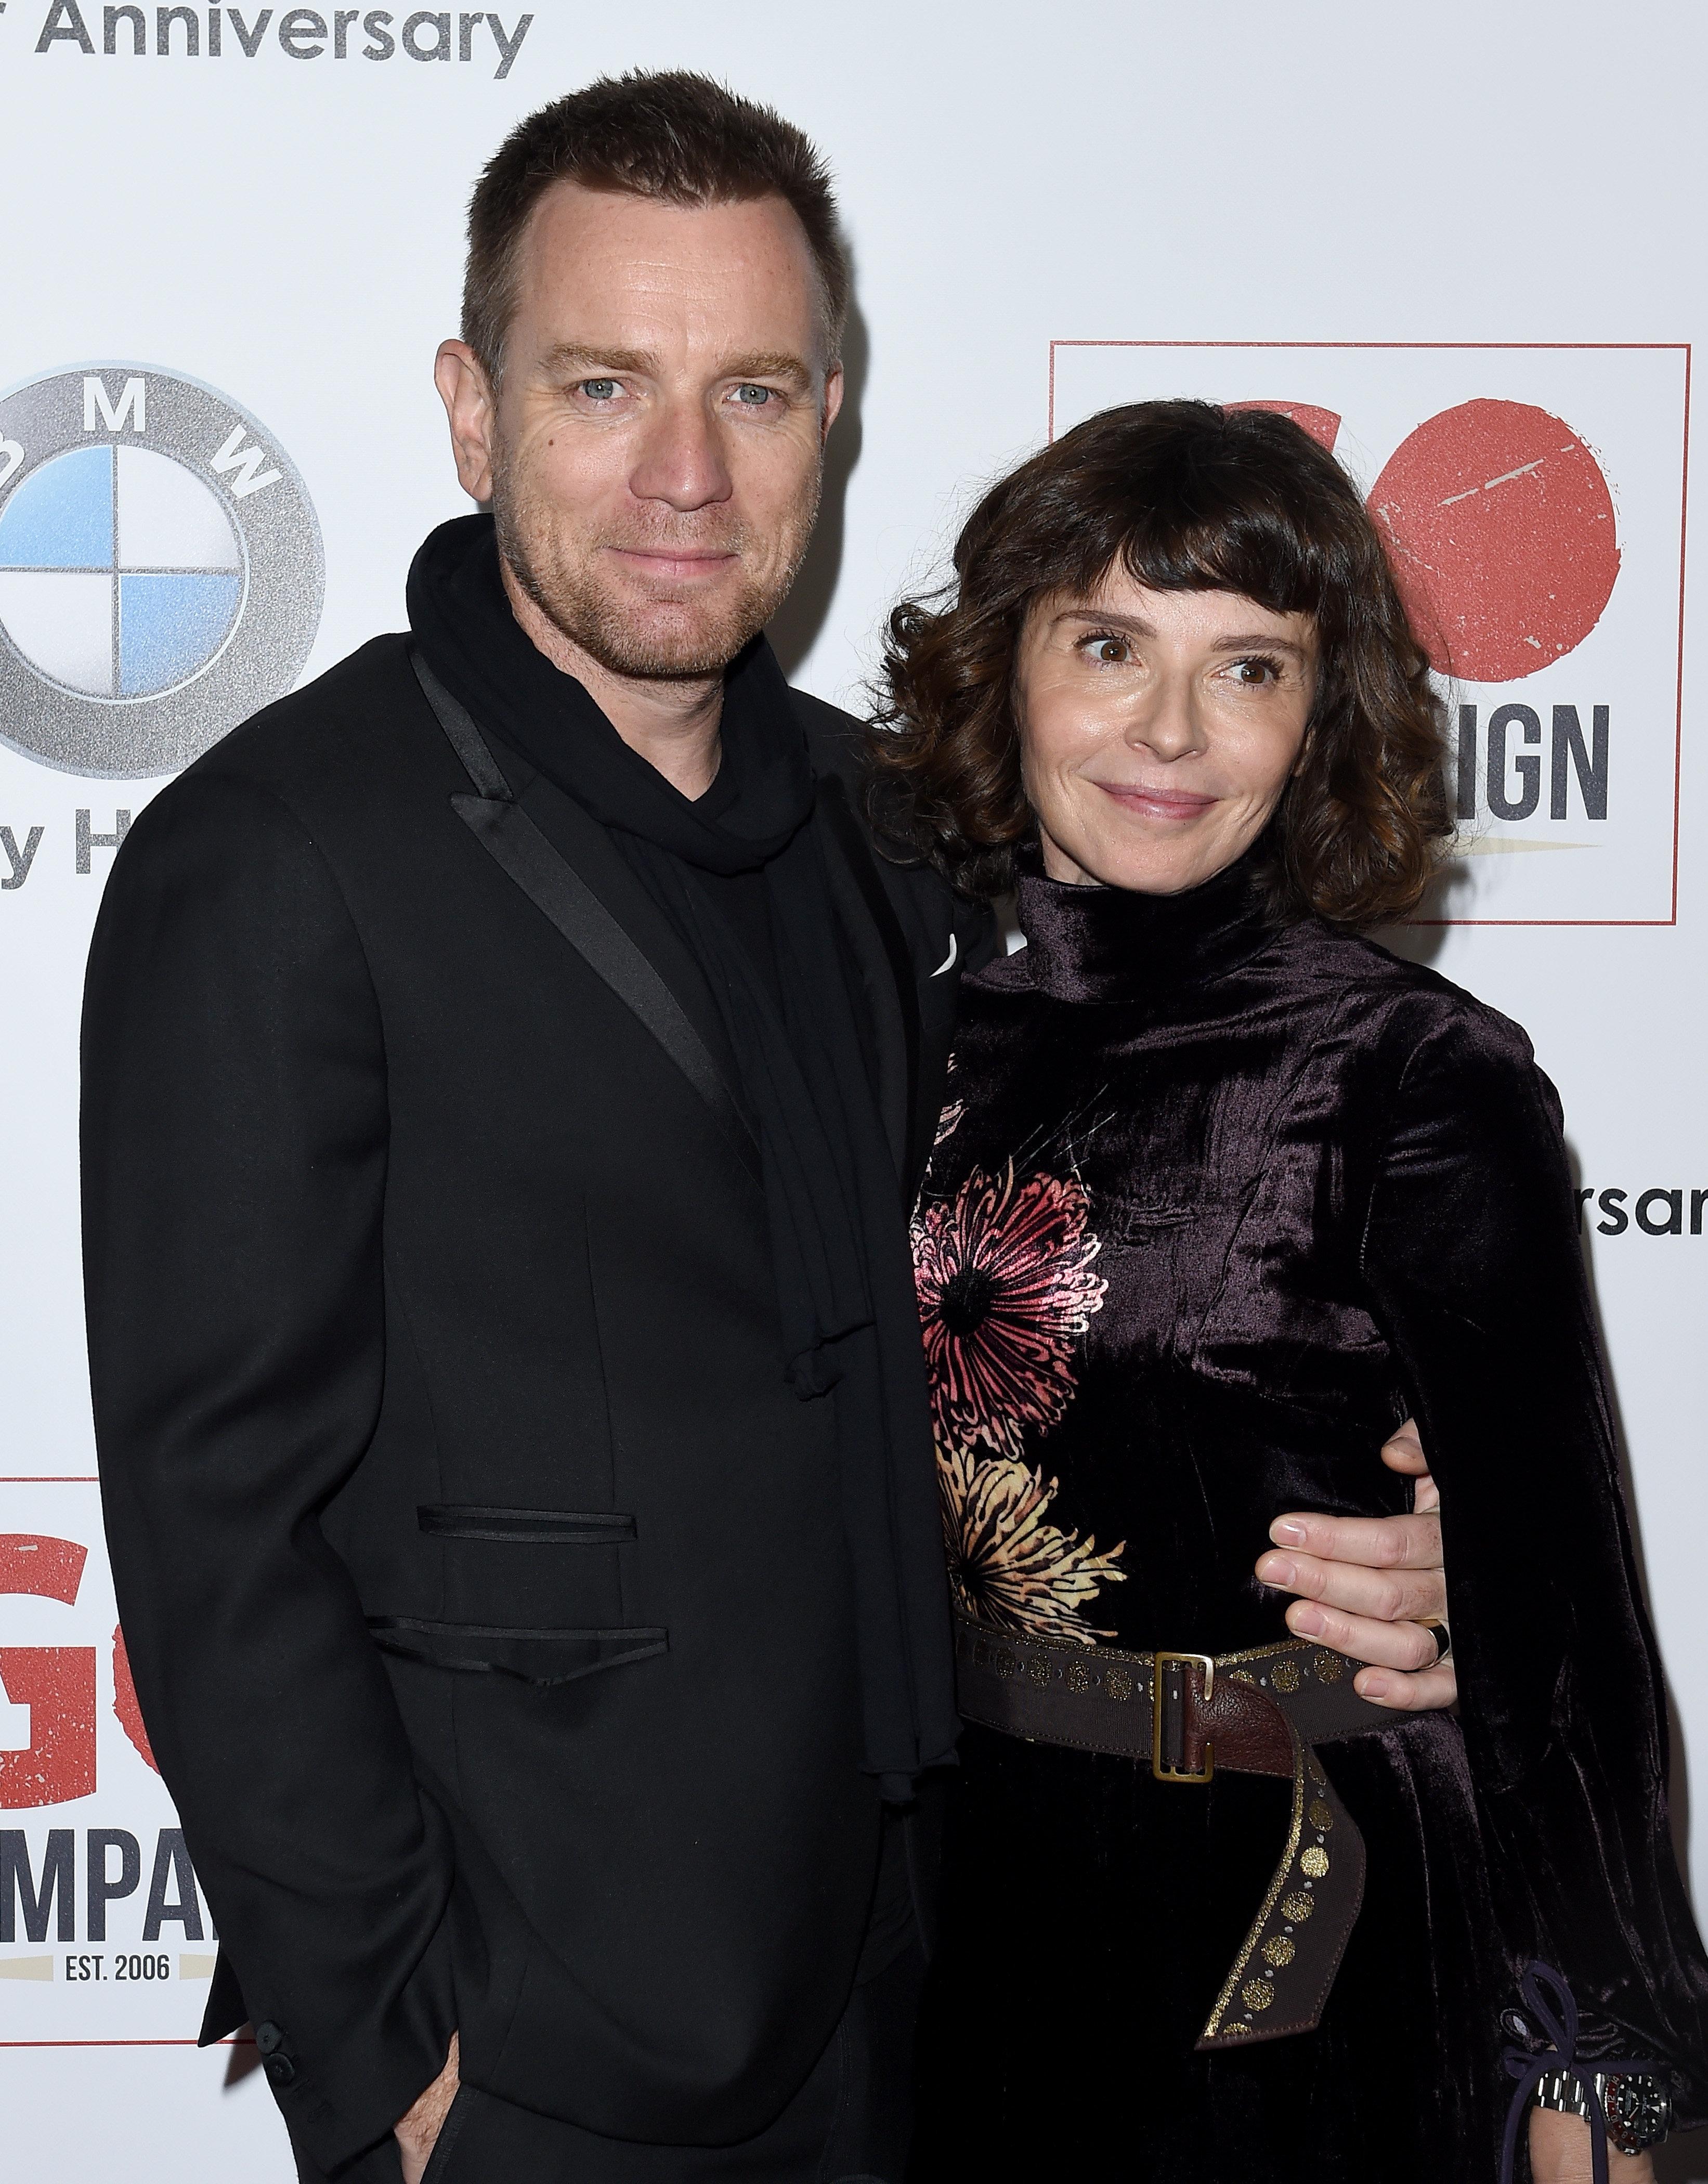 Έτσι είναι οι σύγχρονοι χωρισμοί: ο Ewan McGregor ευχαριστεί ανοιχτά την πρώην γυναίκα του αλλά και τη νυν σύντροφό